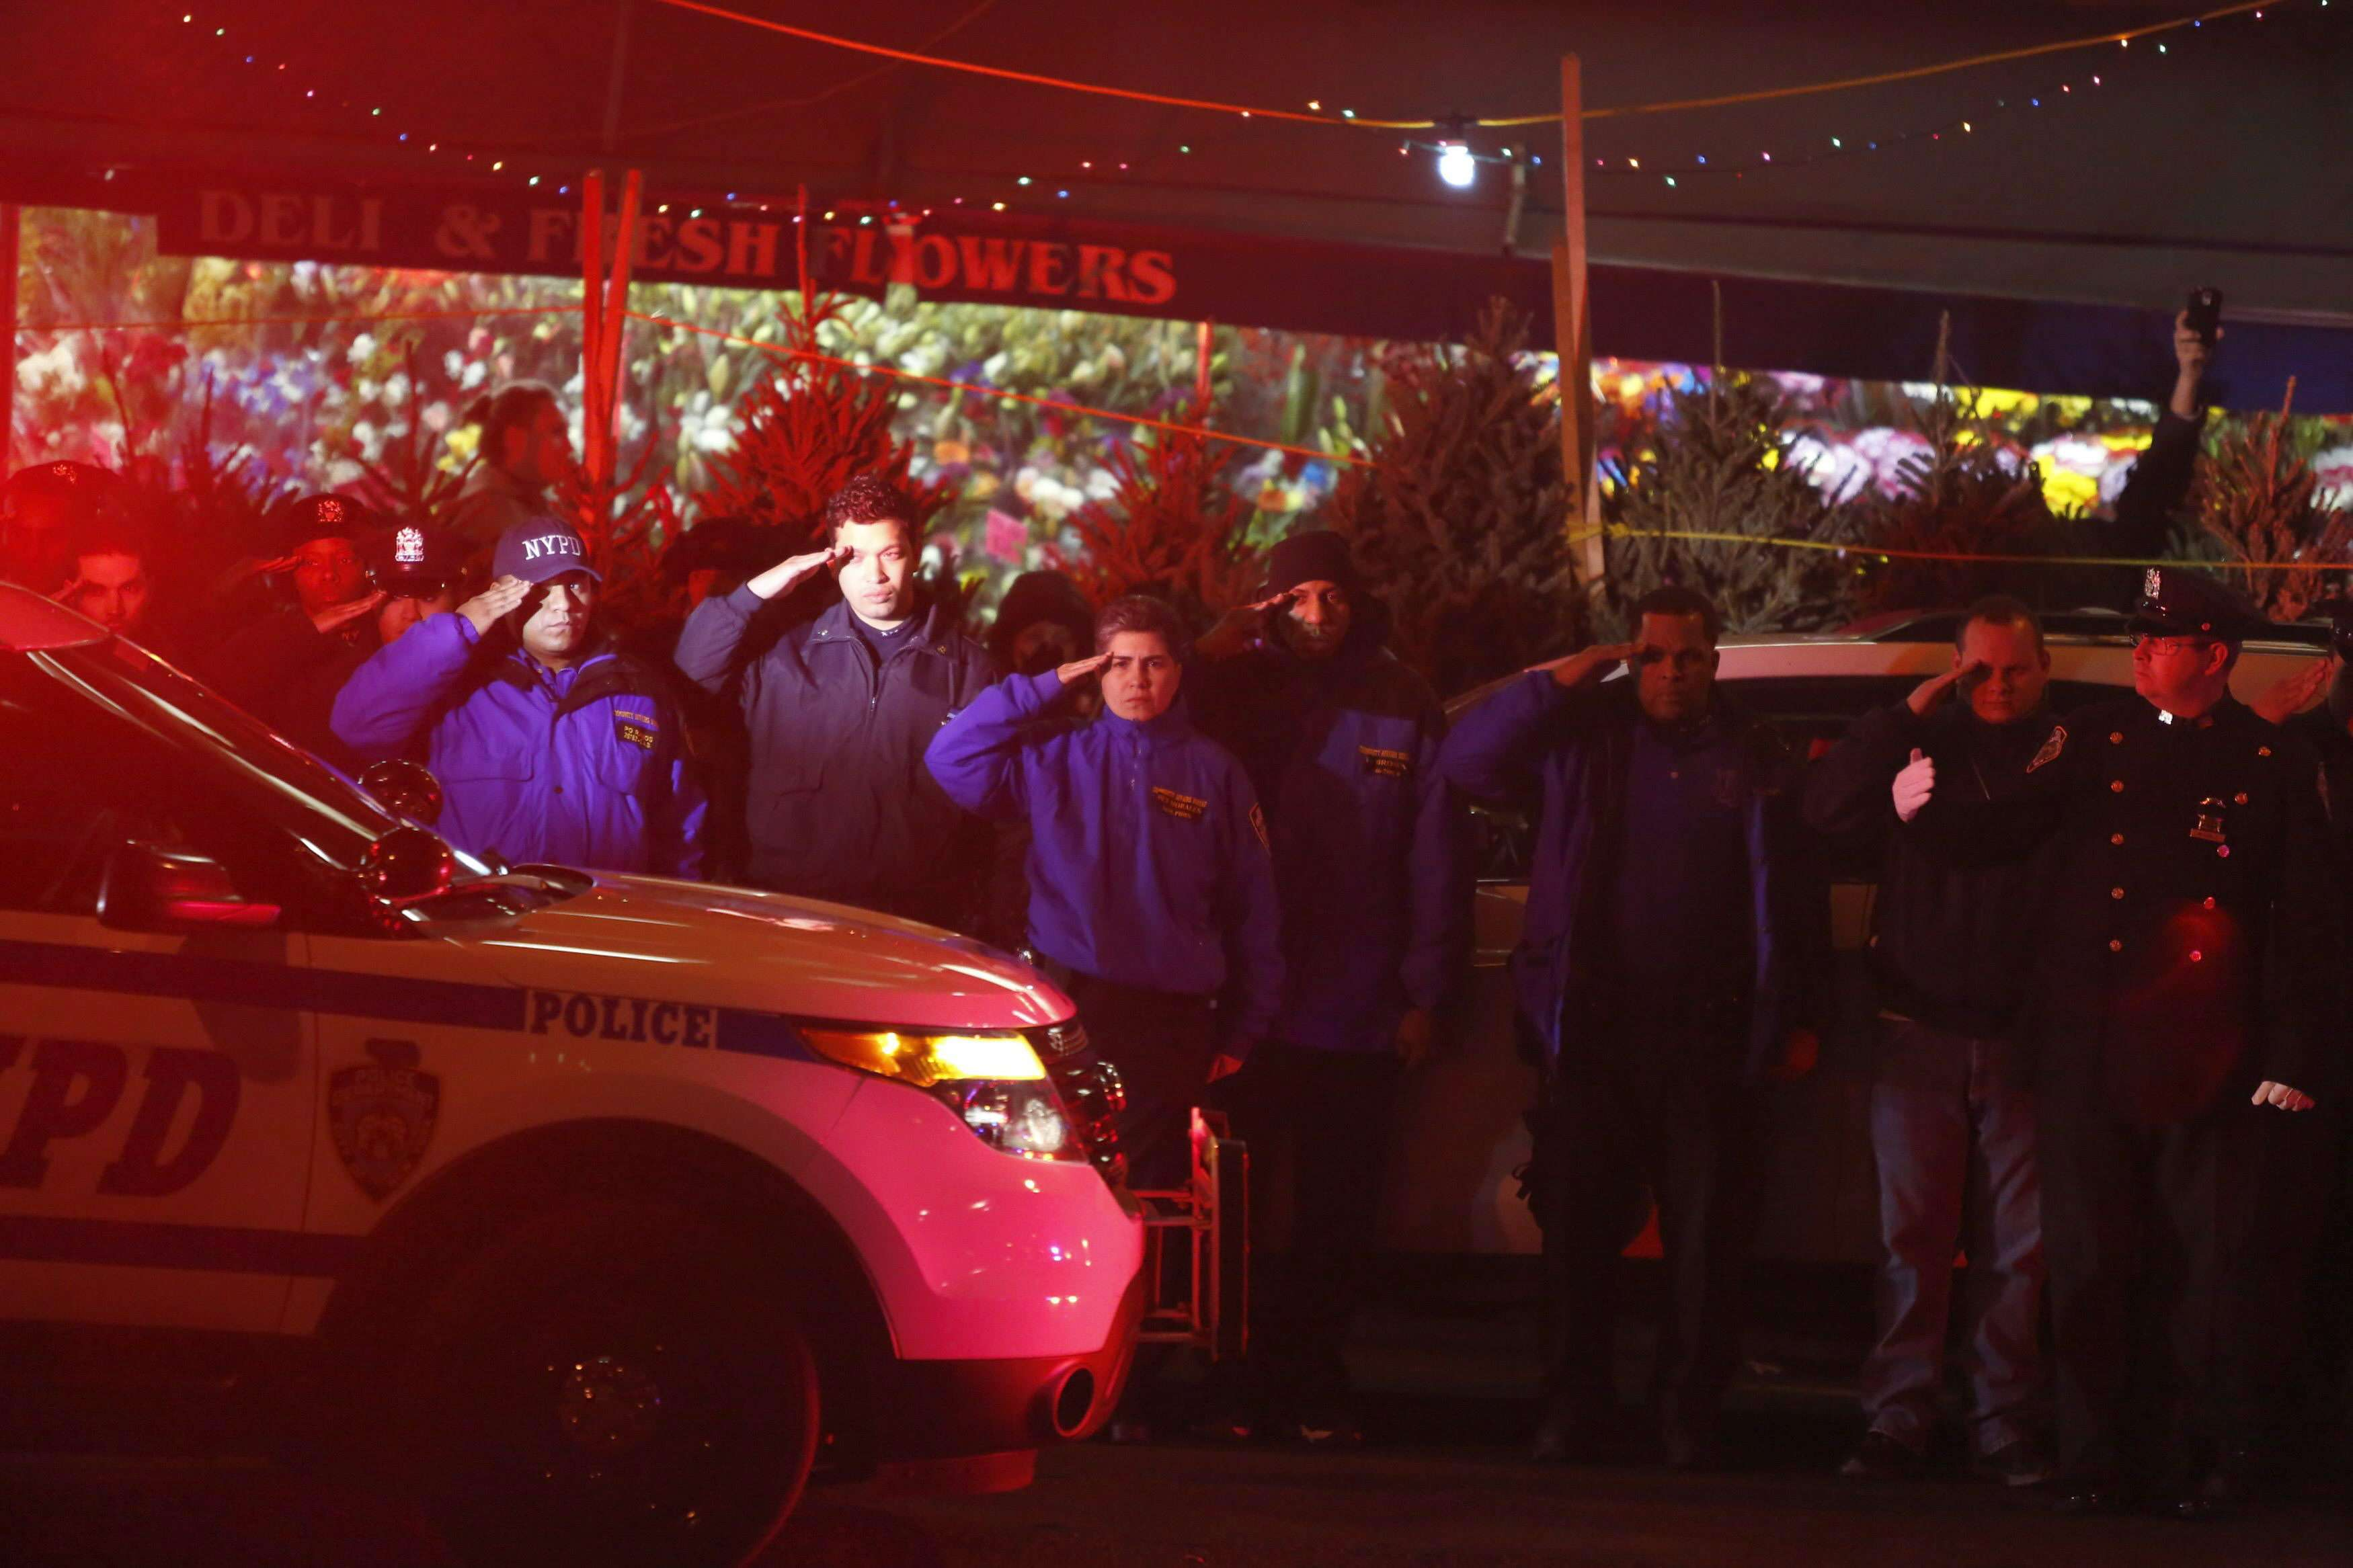 Oficiales de policía despiden, en los exteriores del Woodhull Hospital, a sus dos compañeros muertos. Foto: EFE en español